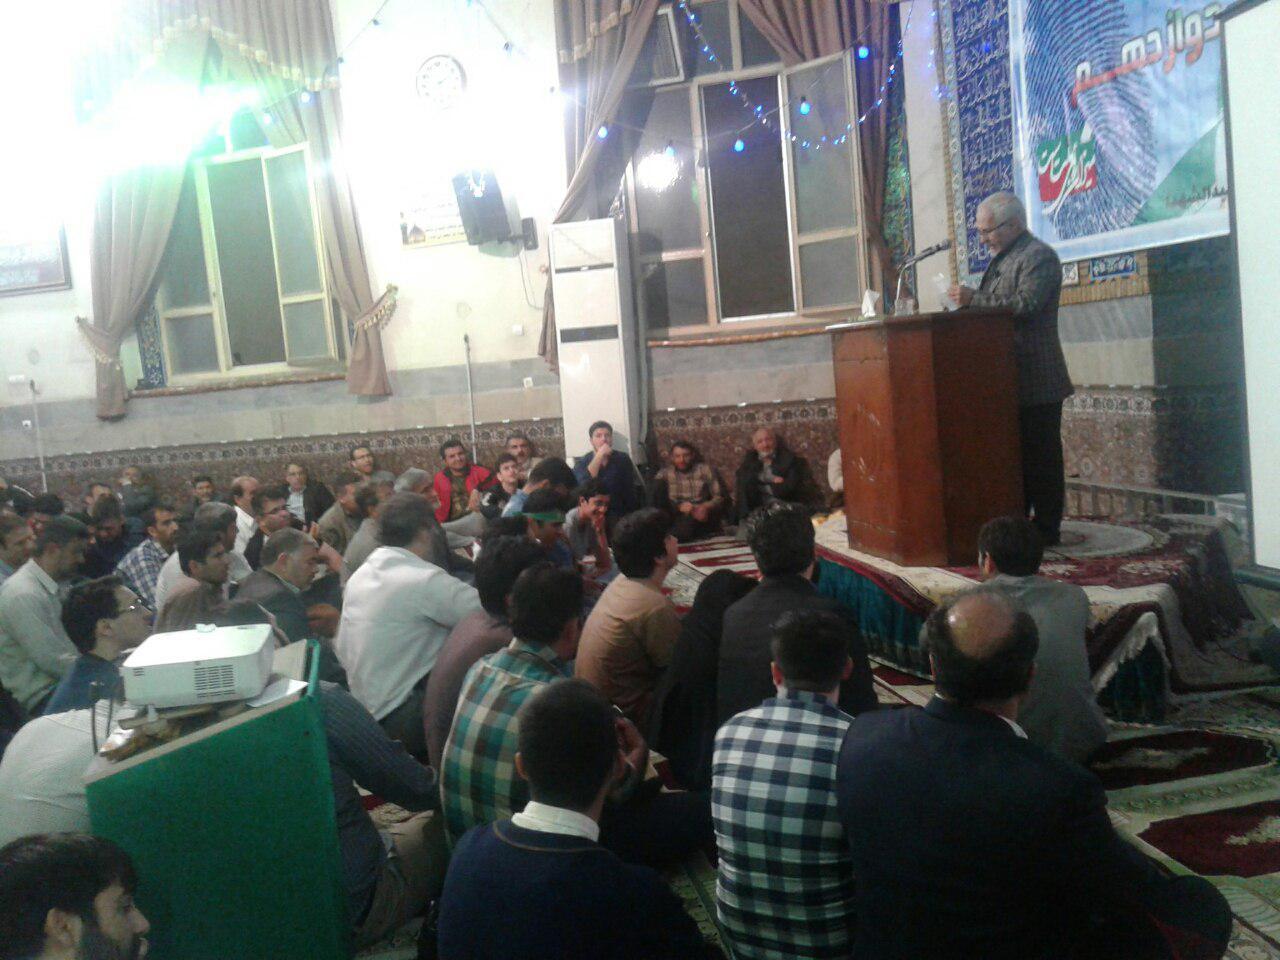 سخنرانی استاد حسن عباسی در مسجد سیدالشهدا چهاردانگه - جمهوری دوازدهم